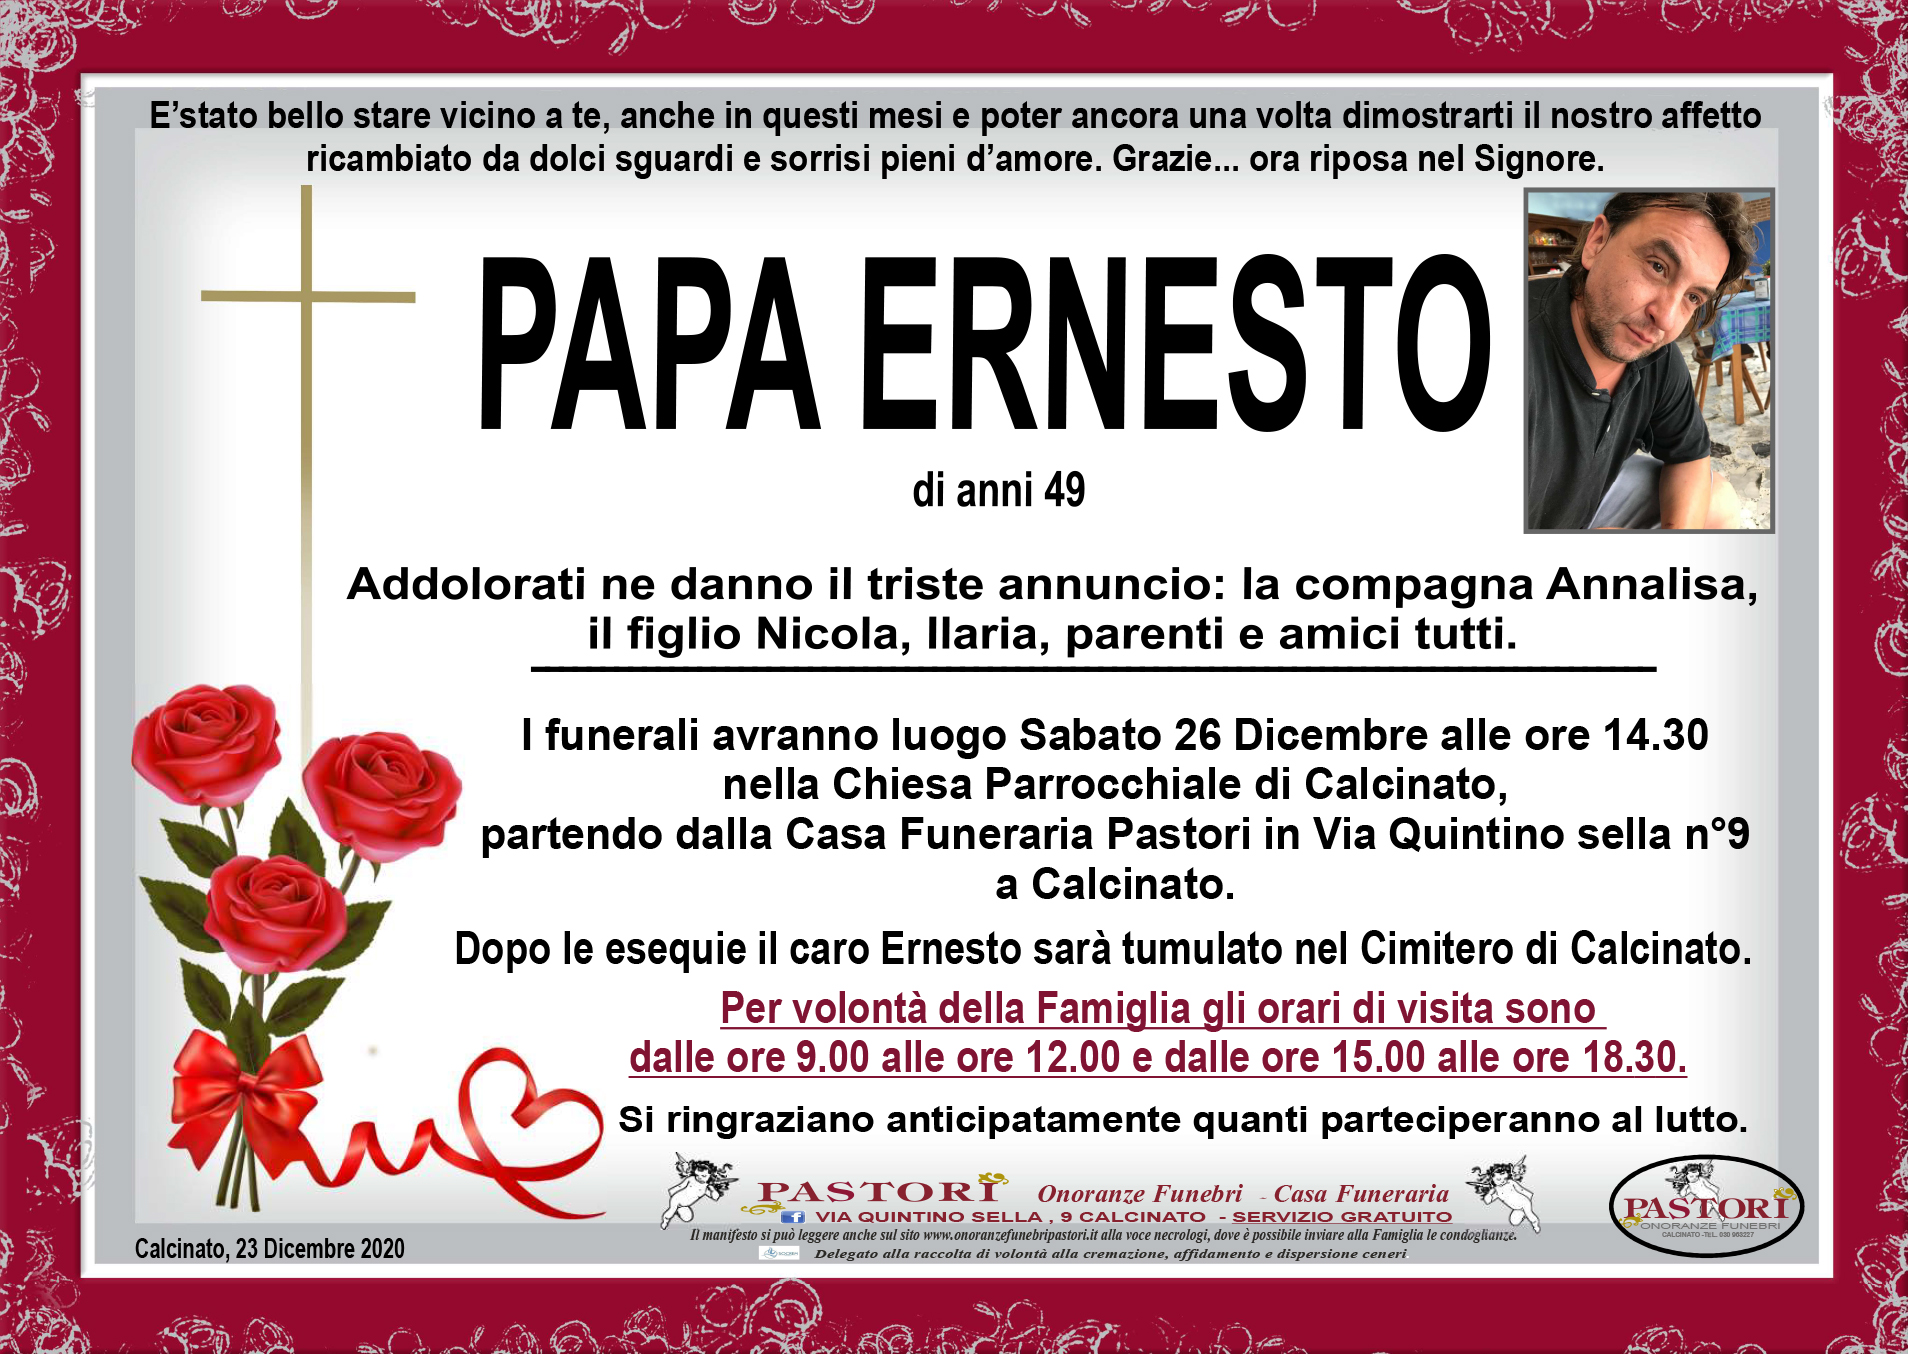 Ernesto Papa